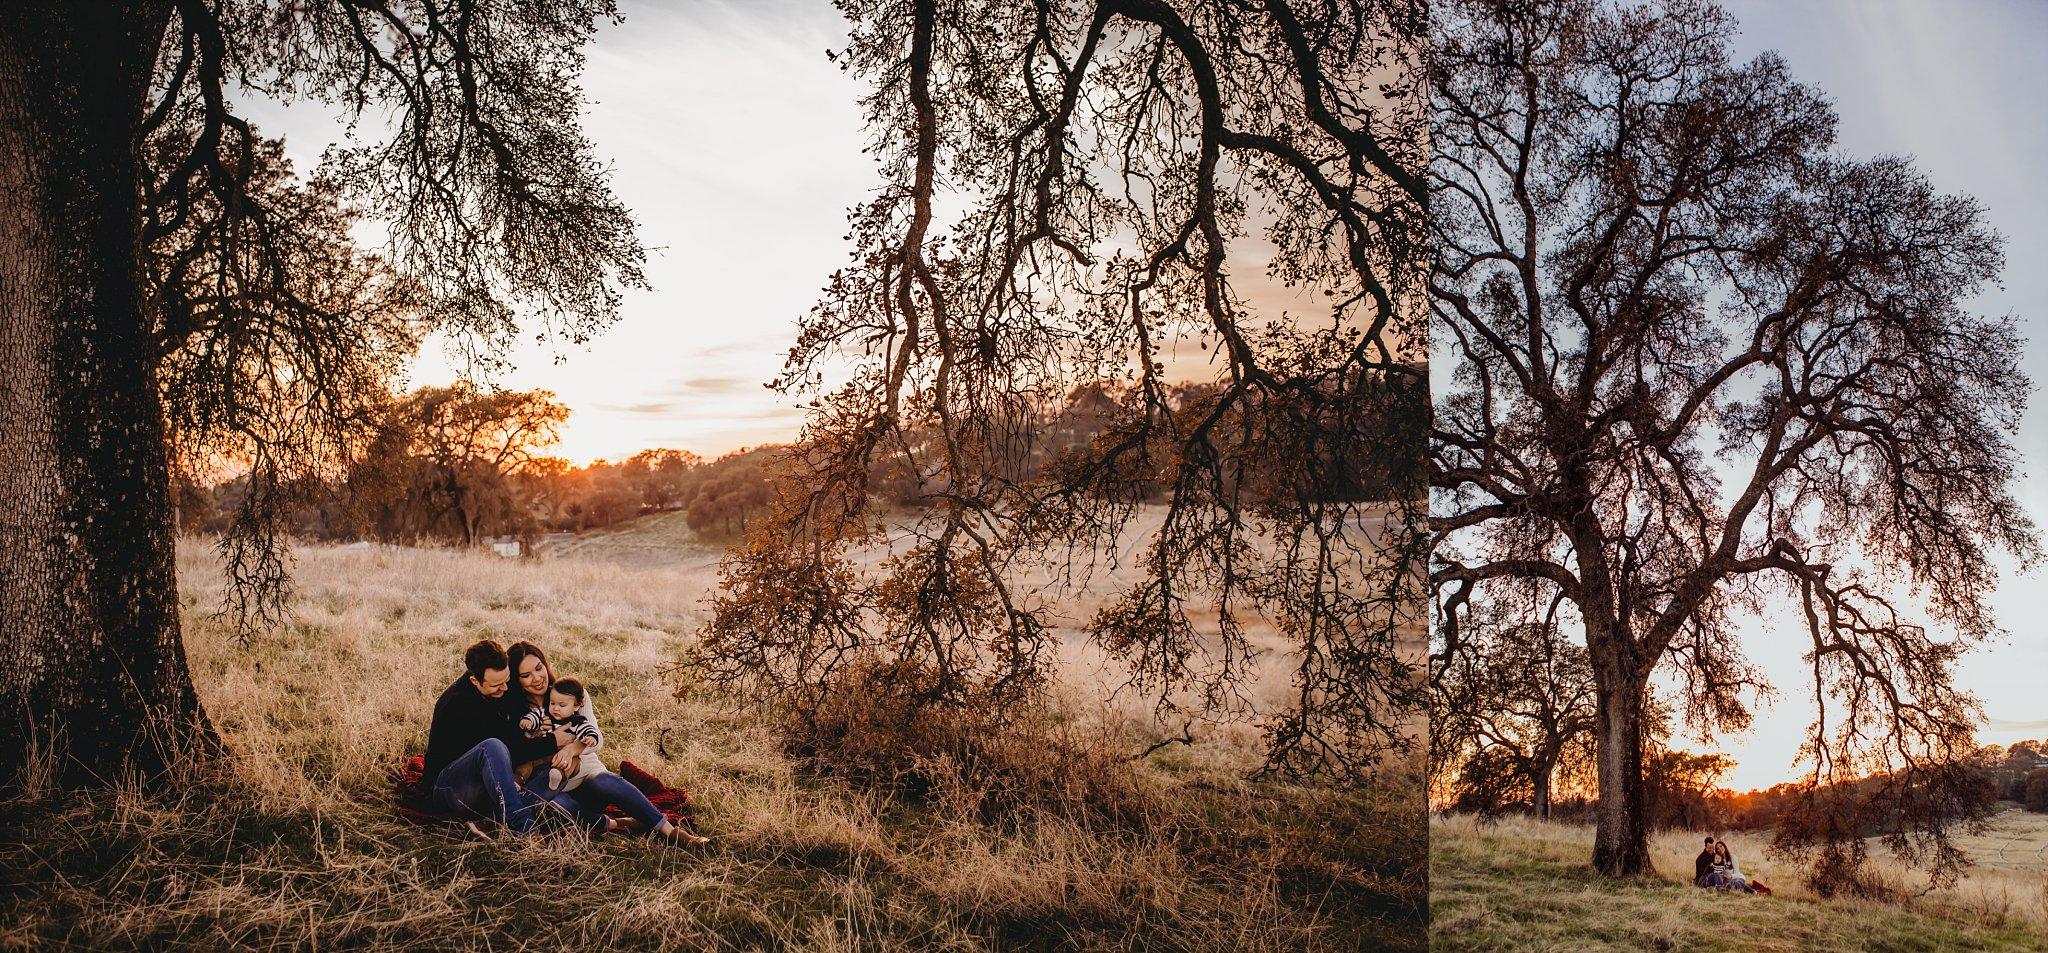 Family photo session, family sitting under tree, sunset, Becci Ravera Photography